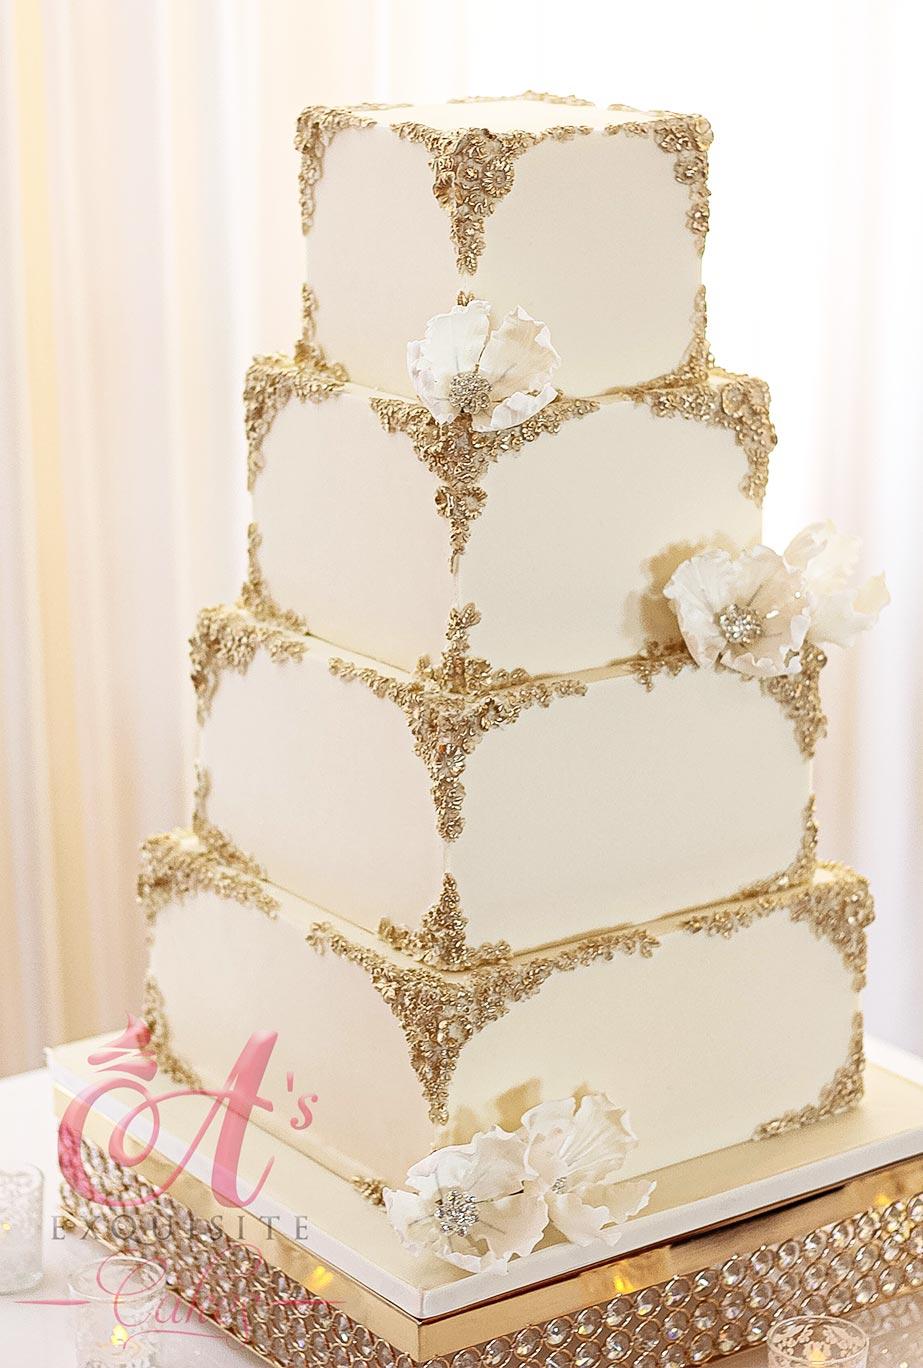 Wedding Cake v6